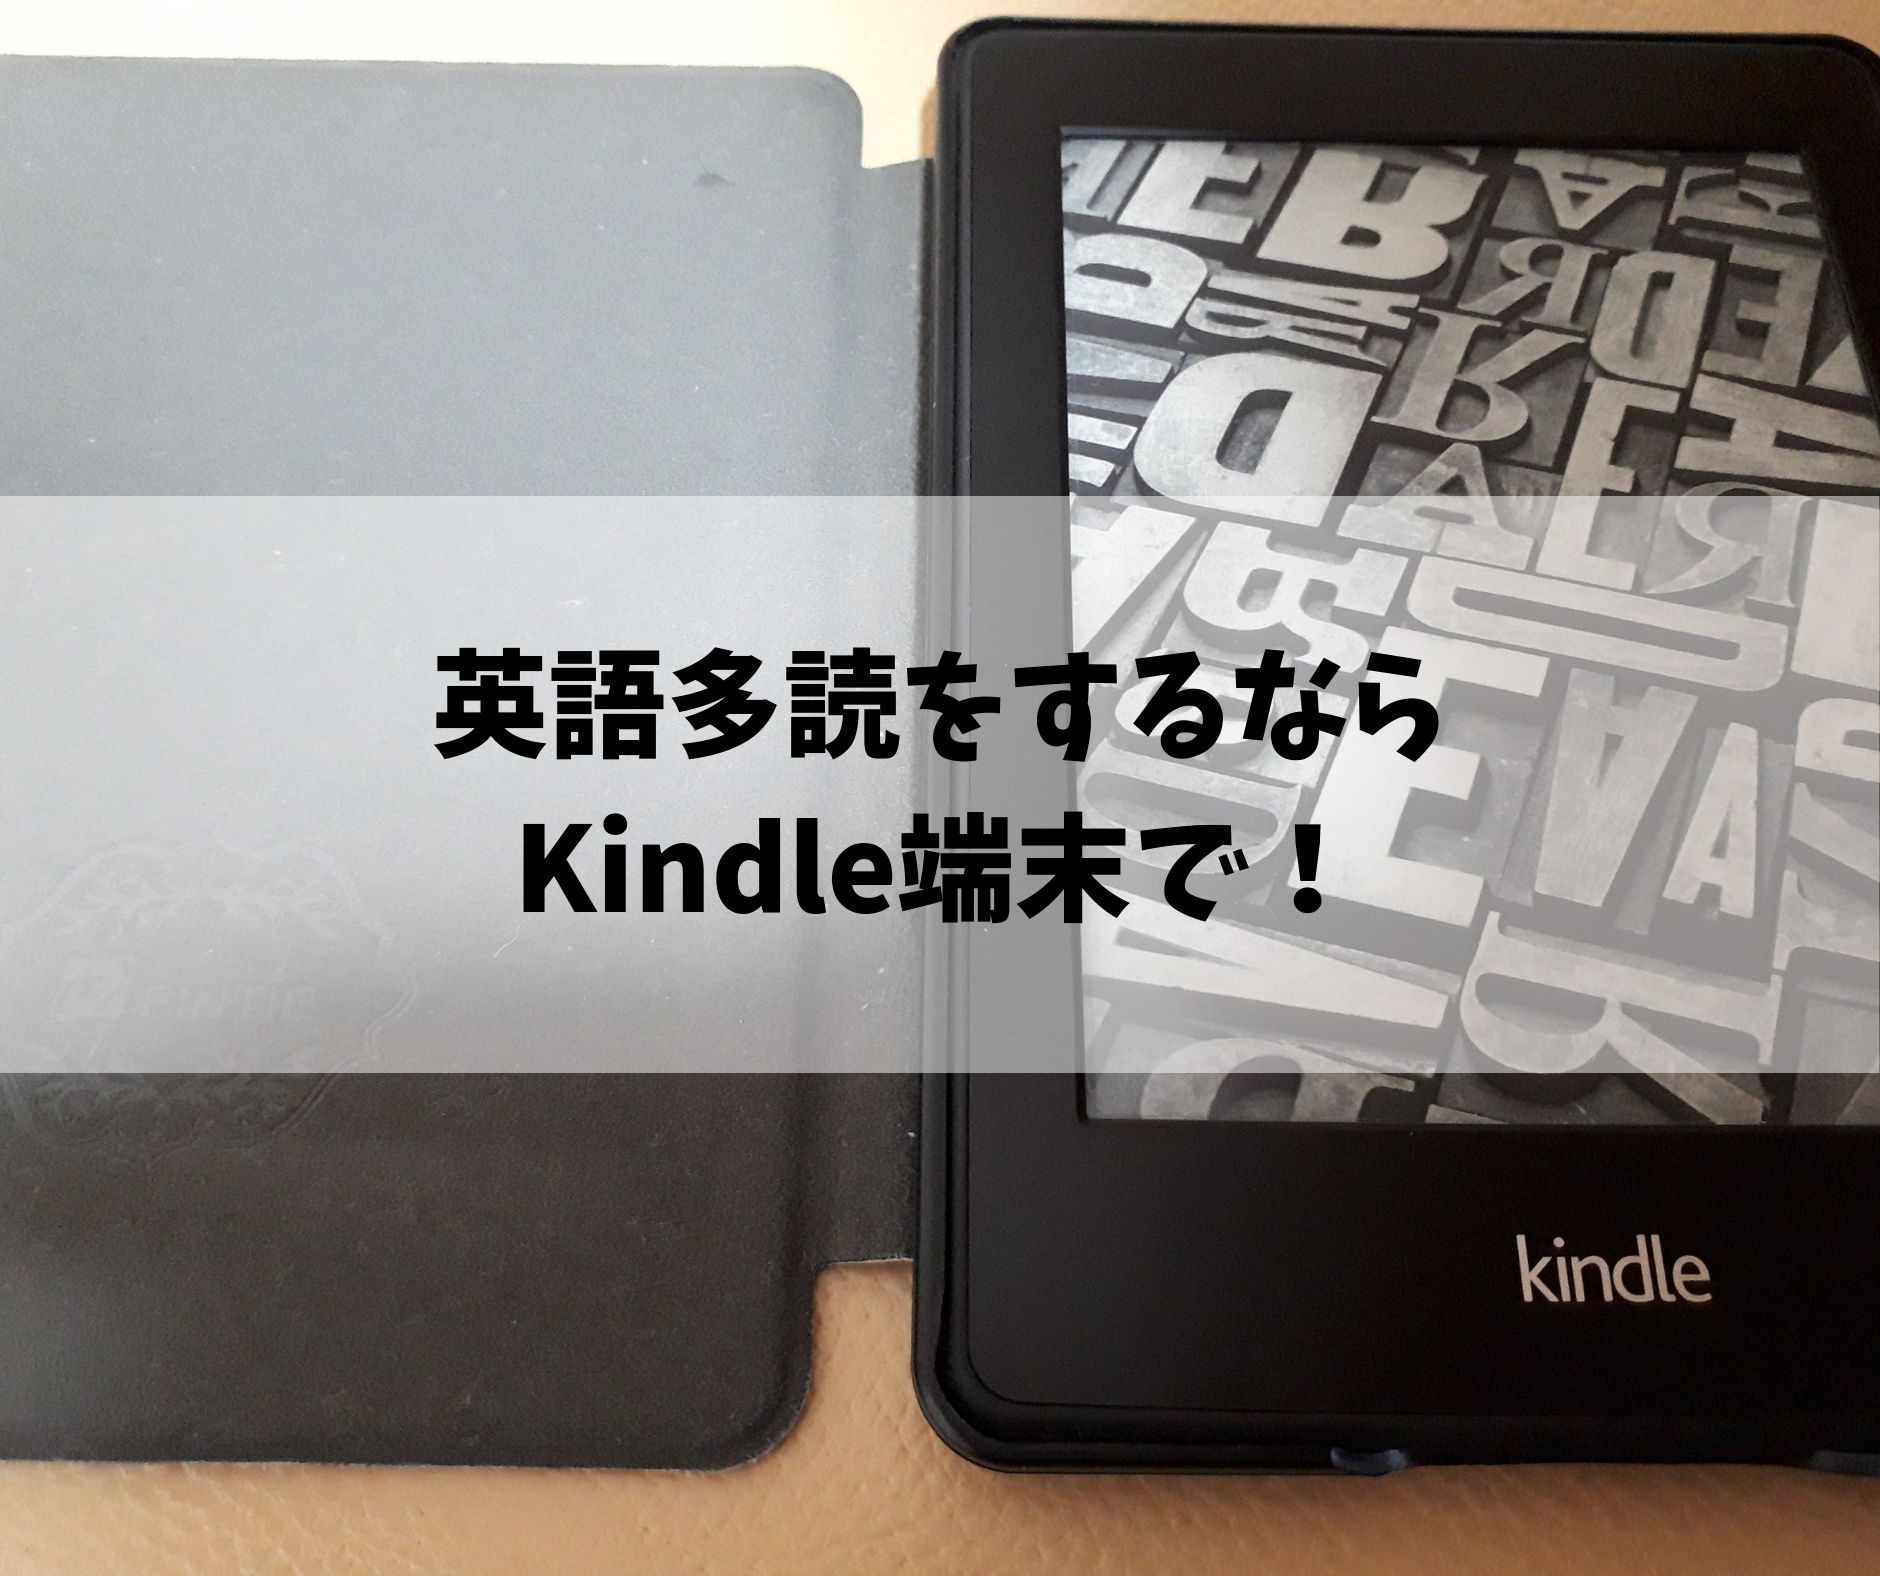 英語多読をするならKindle端末で!無料・格安で洋書を手に入れよう